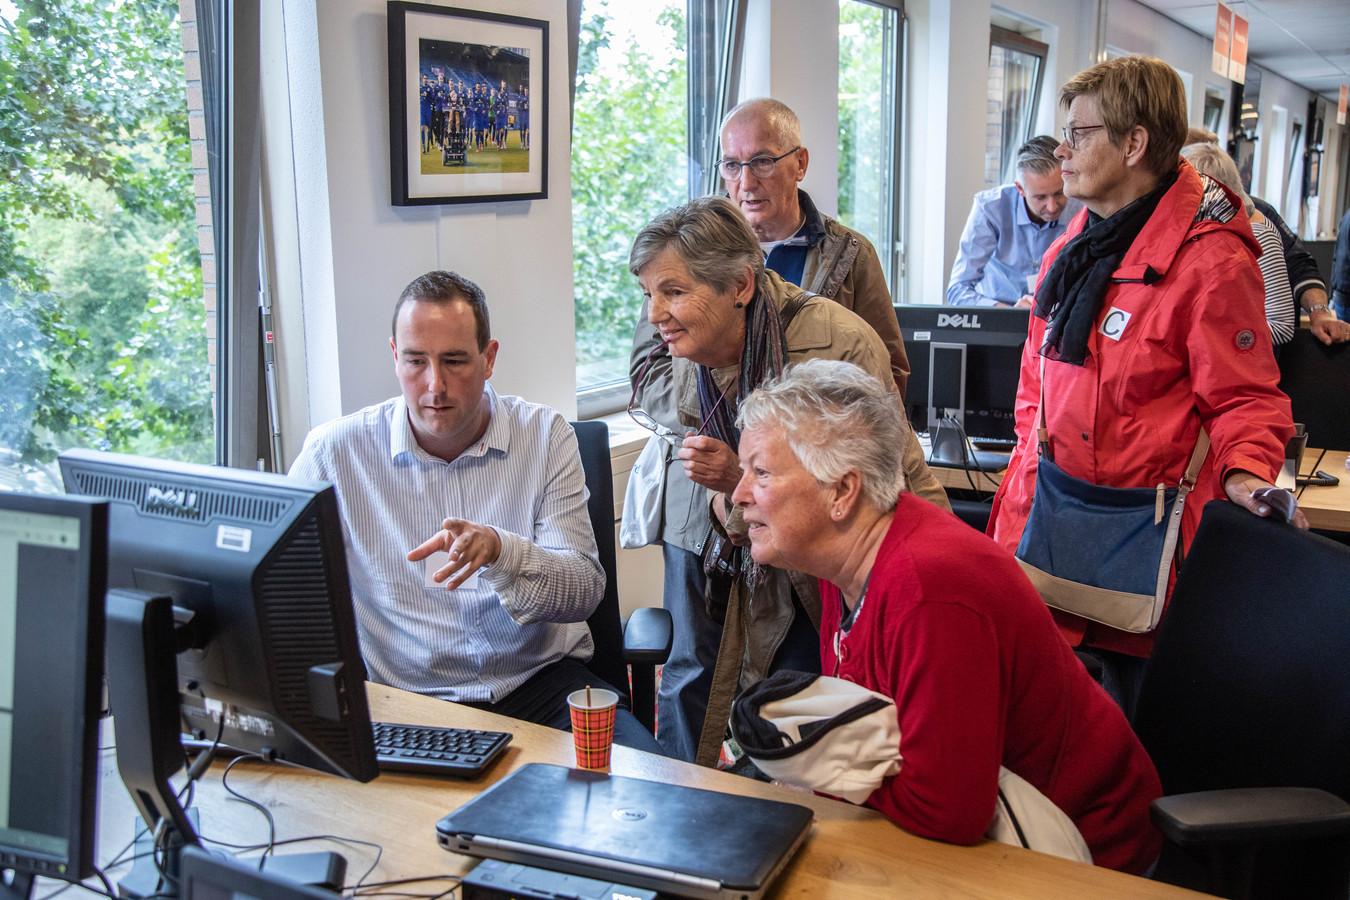 Verslaggever Arjan Bosch laat abonnees van de Stentor meekijken in een verhaal dat hij maakt.